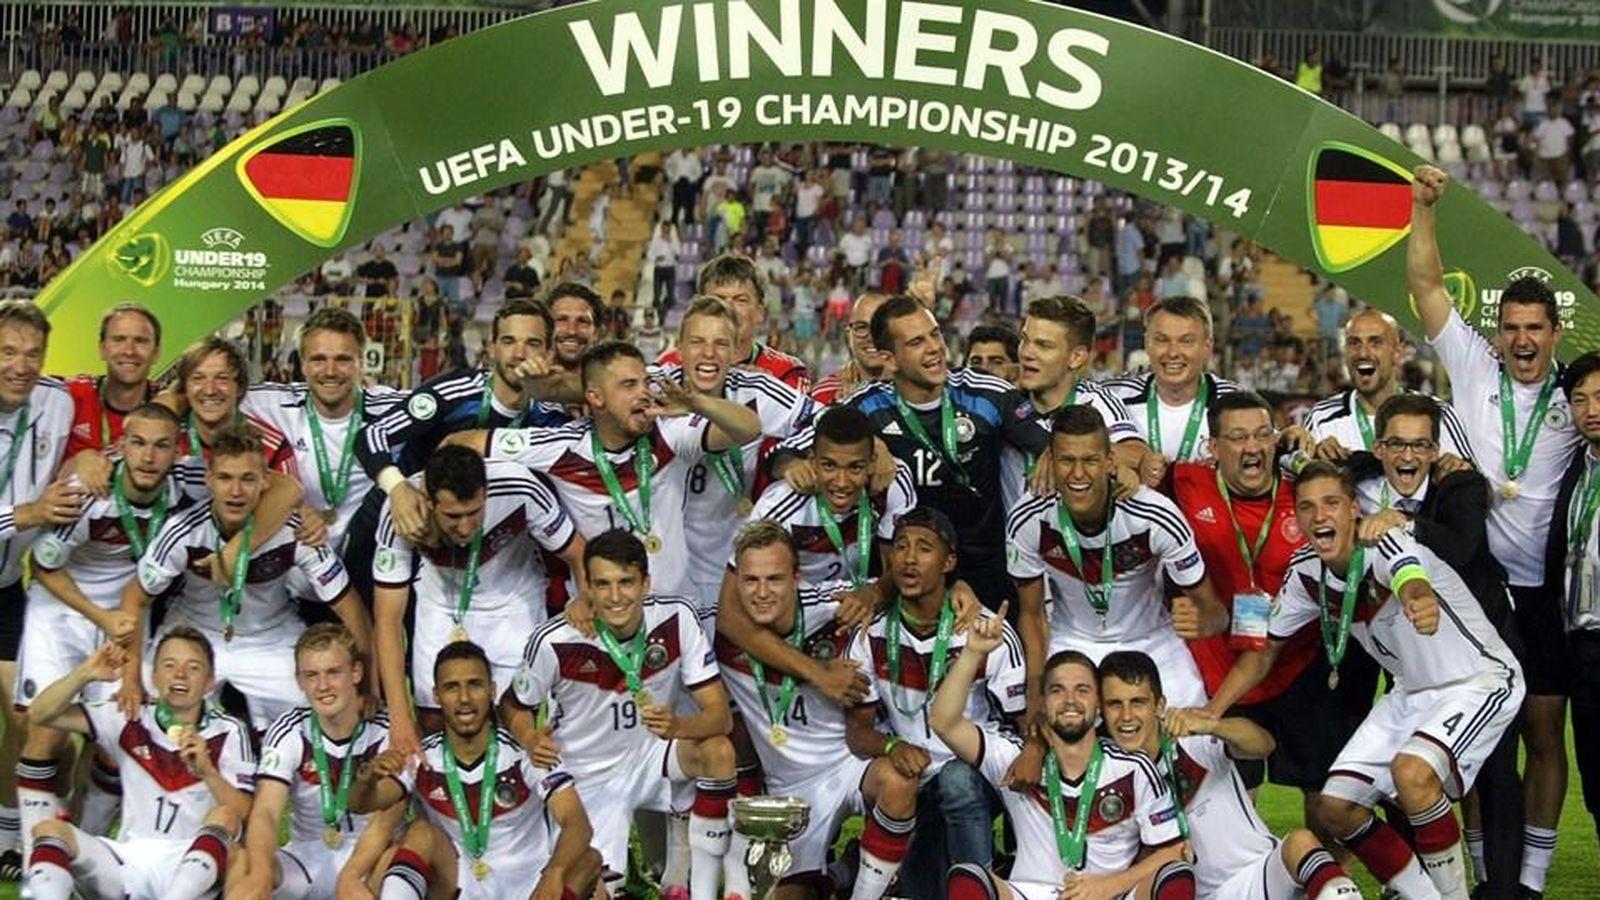 Foto: Alemania ganó la edición de hace un año (Foto: UEFA)